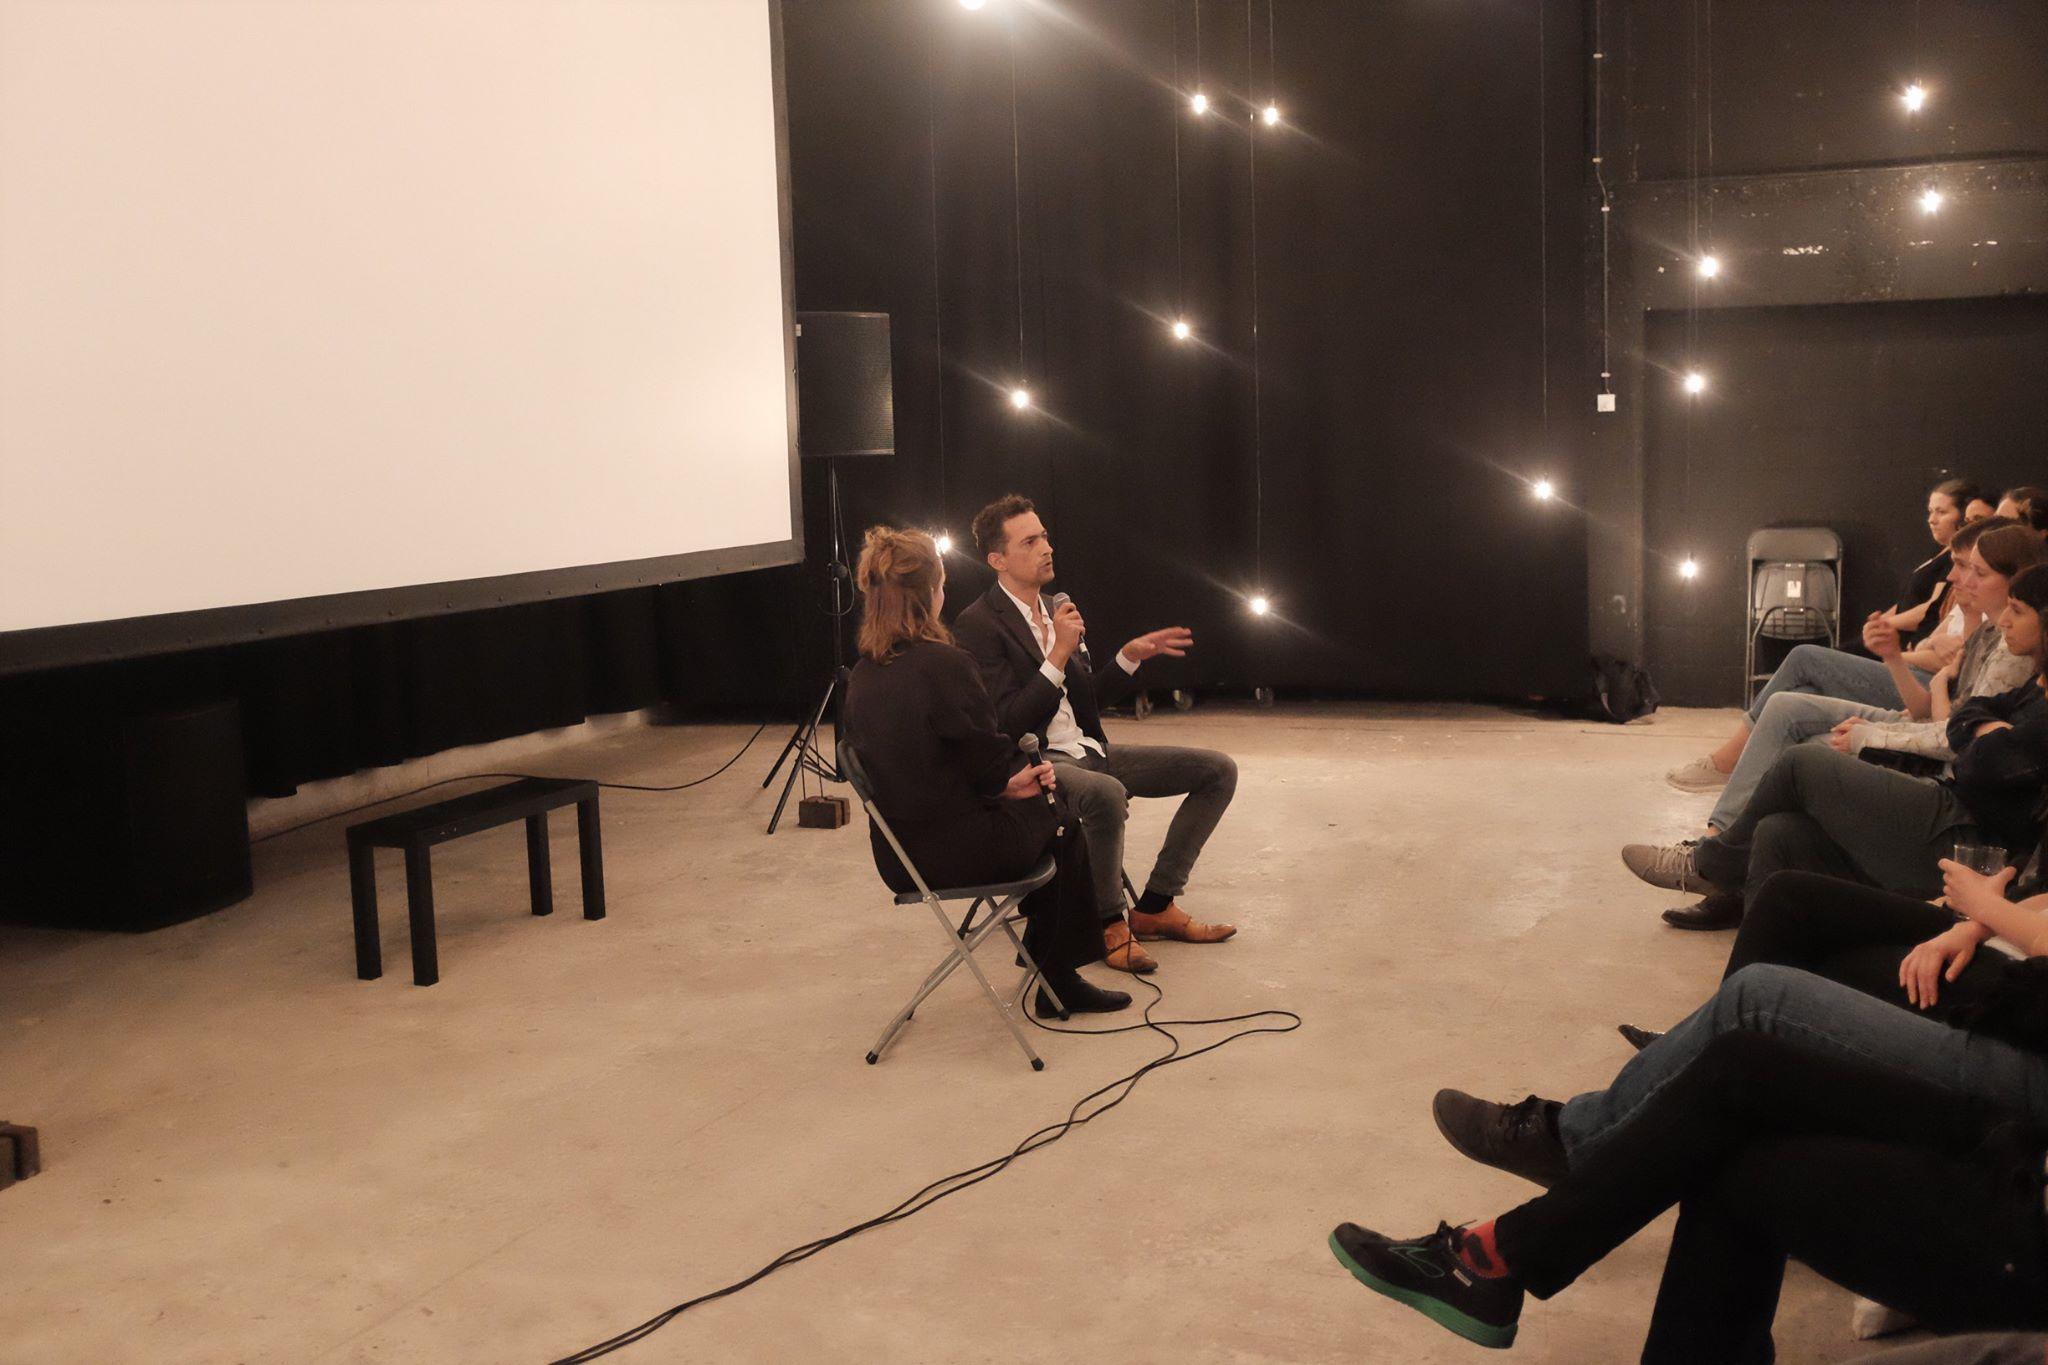 VISITE FILMFESTIVAL   Twee maal per jaar organiseert De Imagerie een filmfestival.